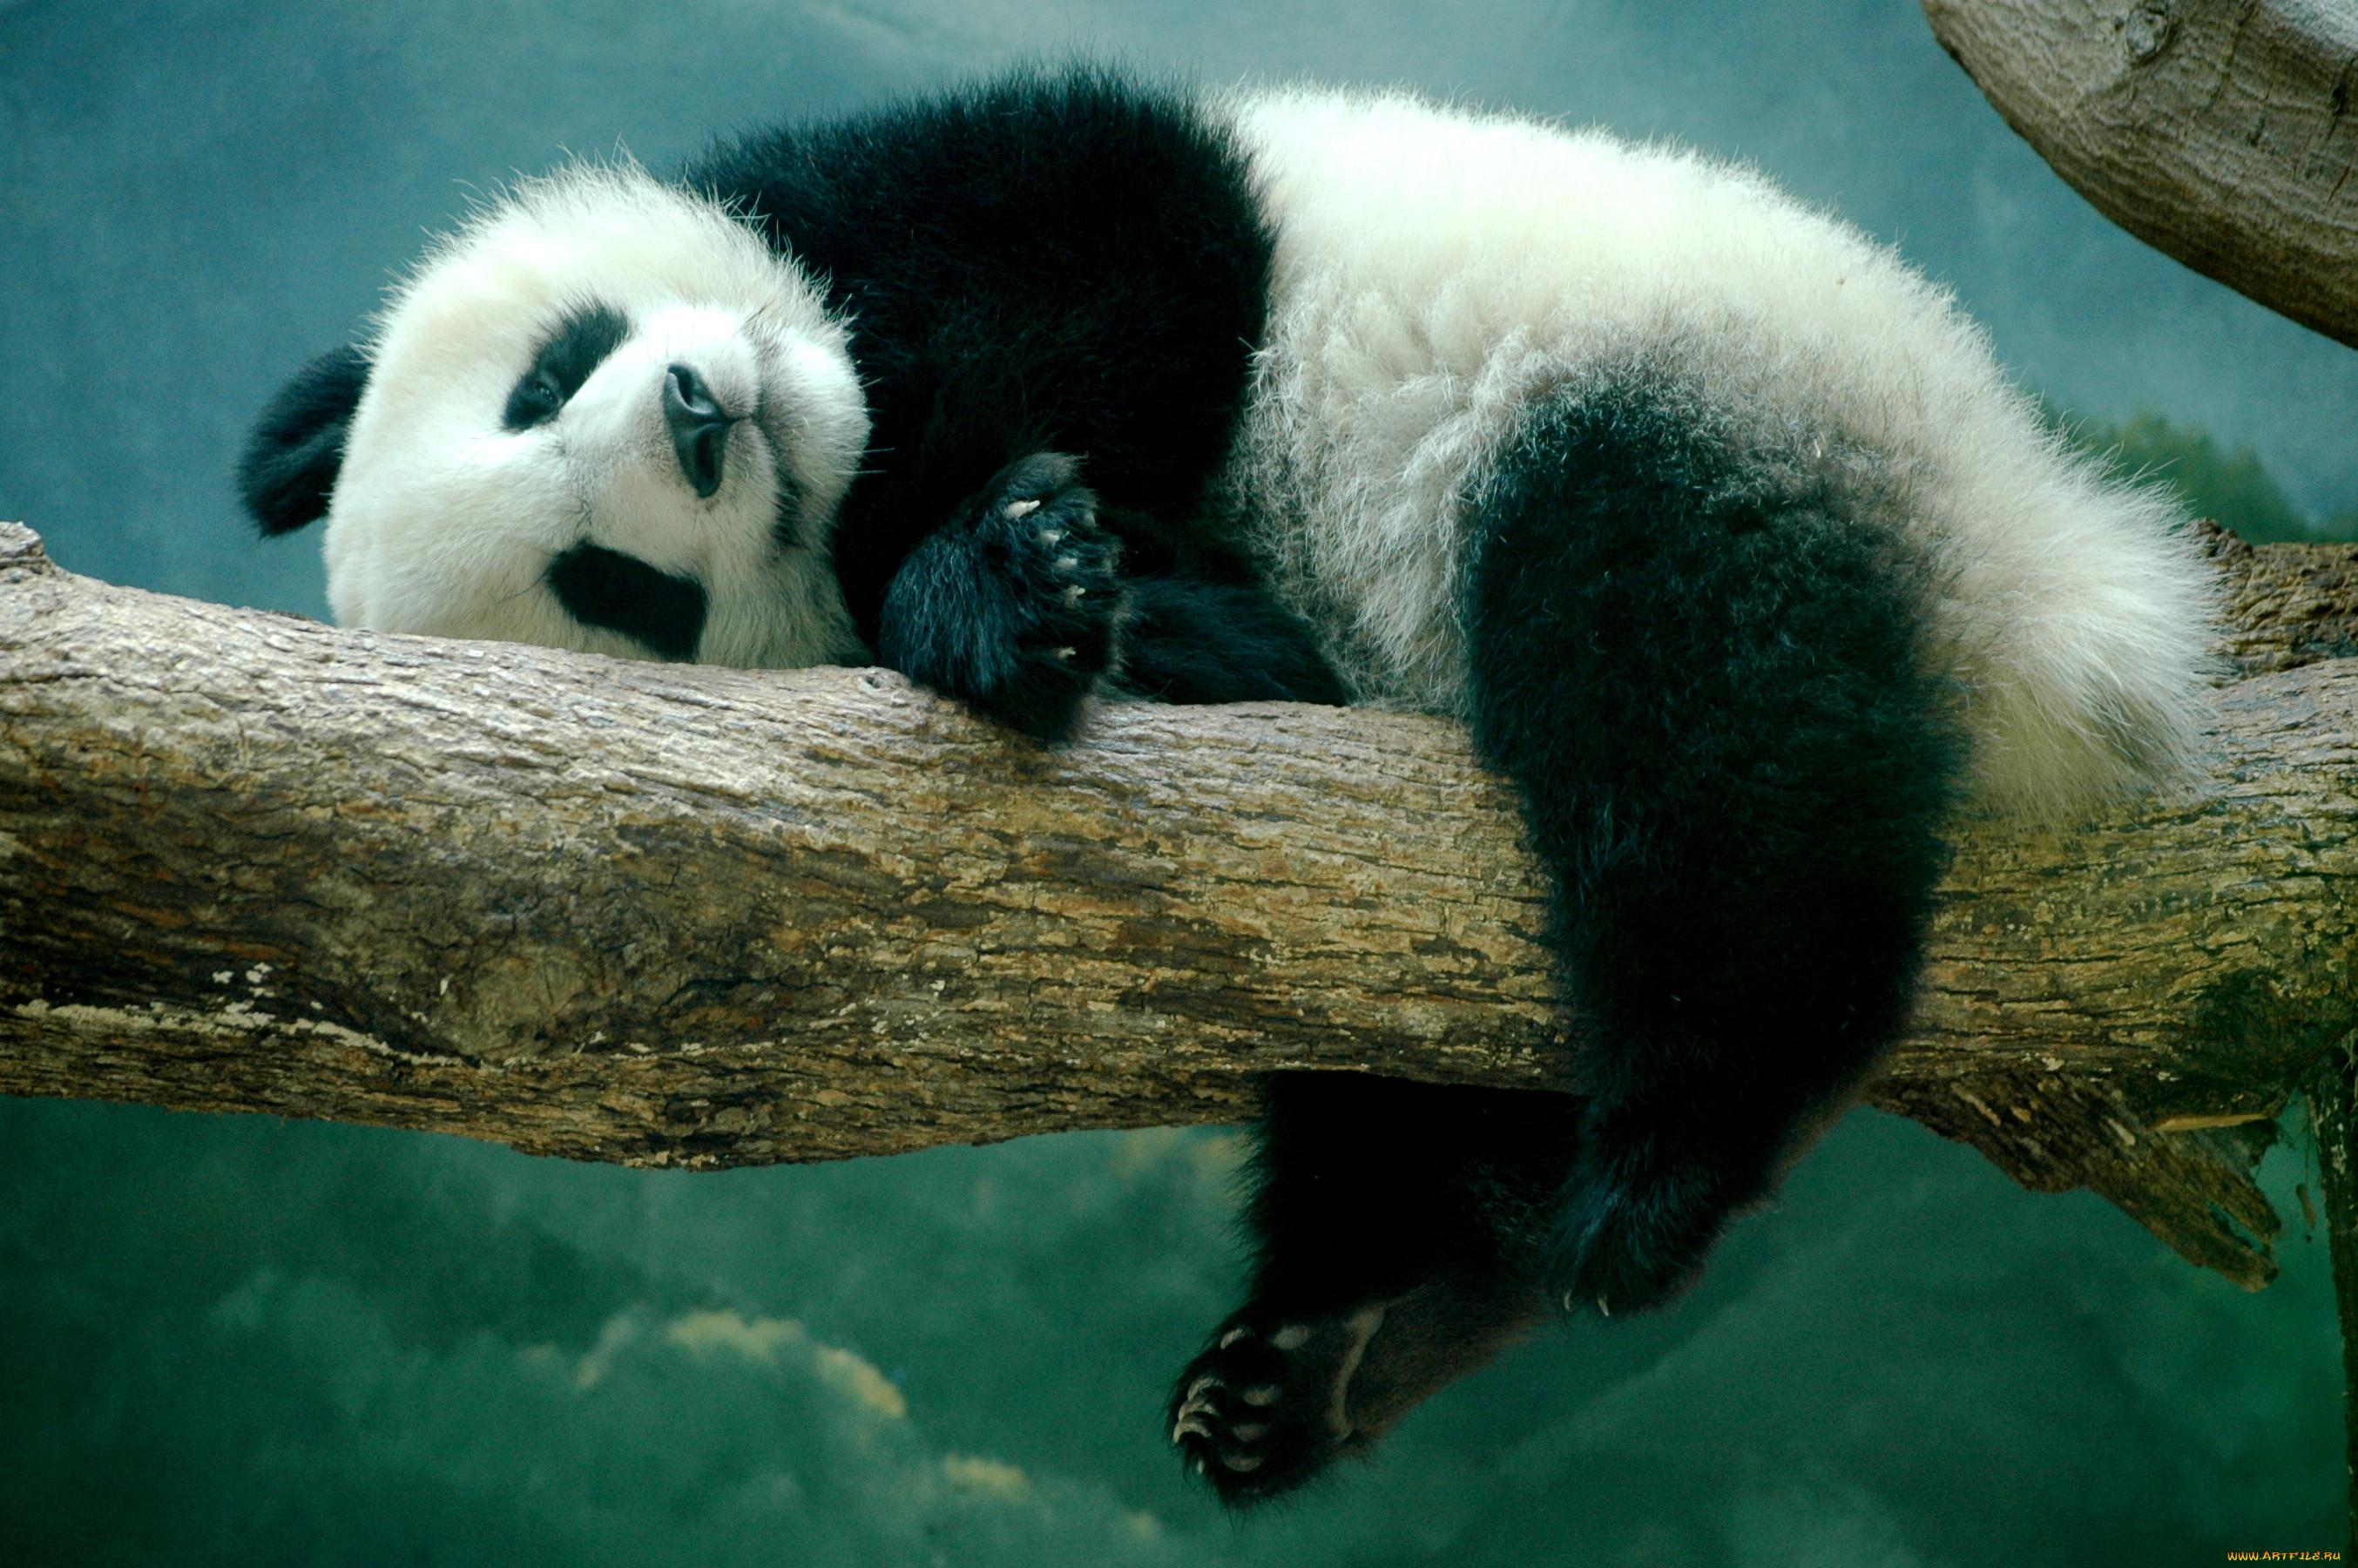 фото с пандами милые конструкций оснастки